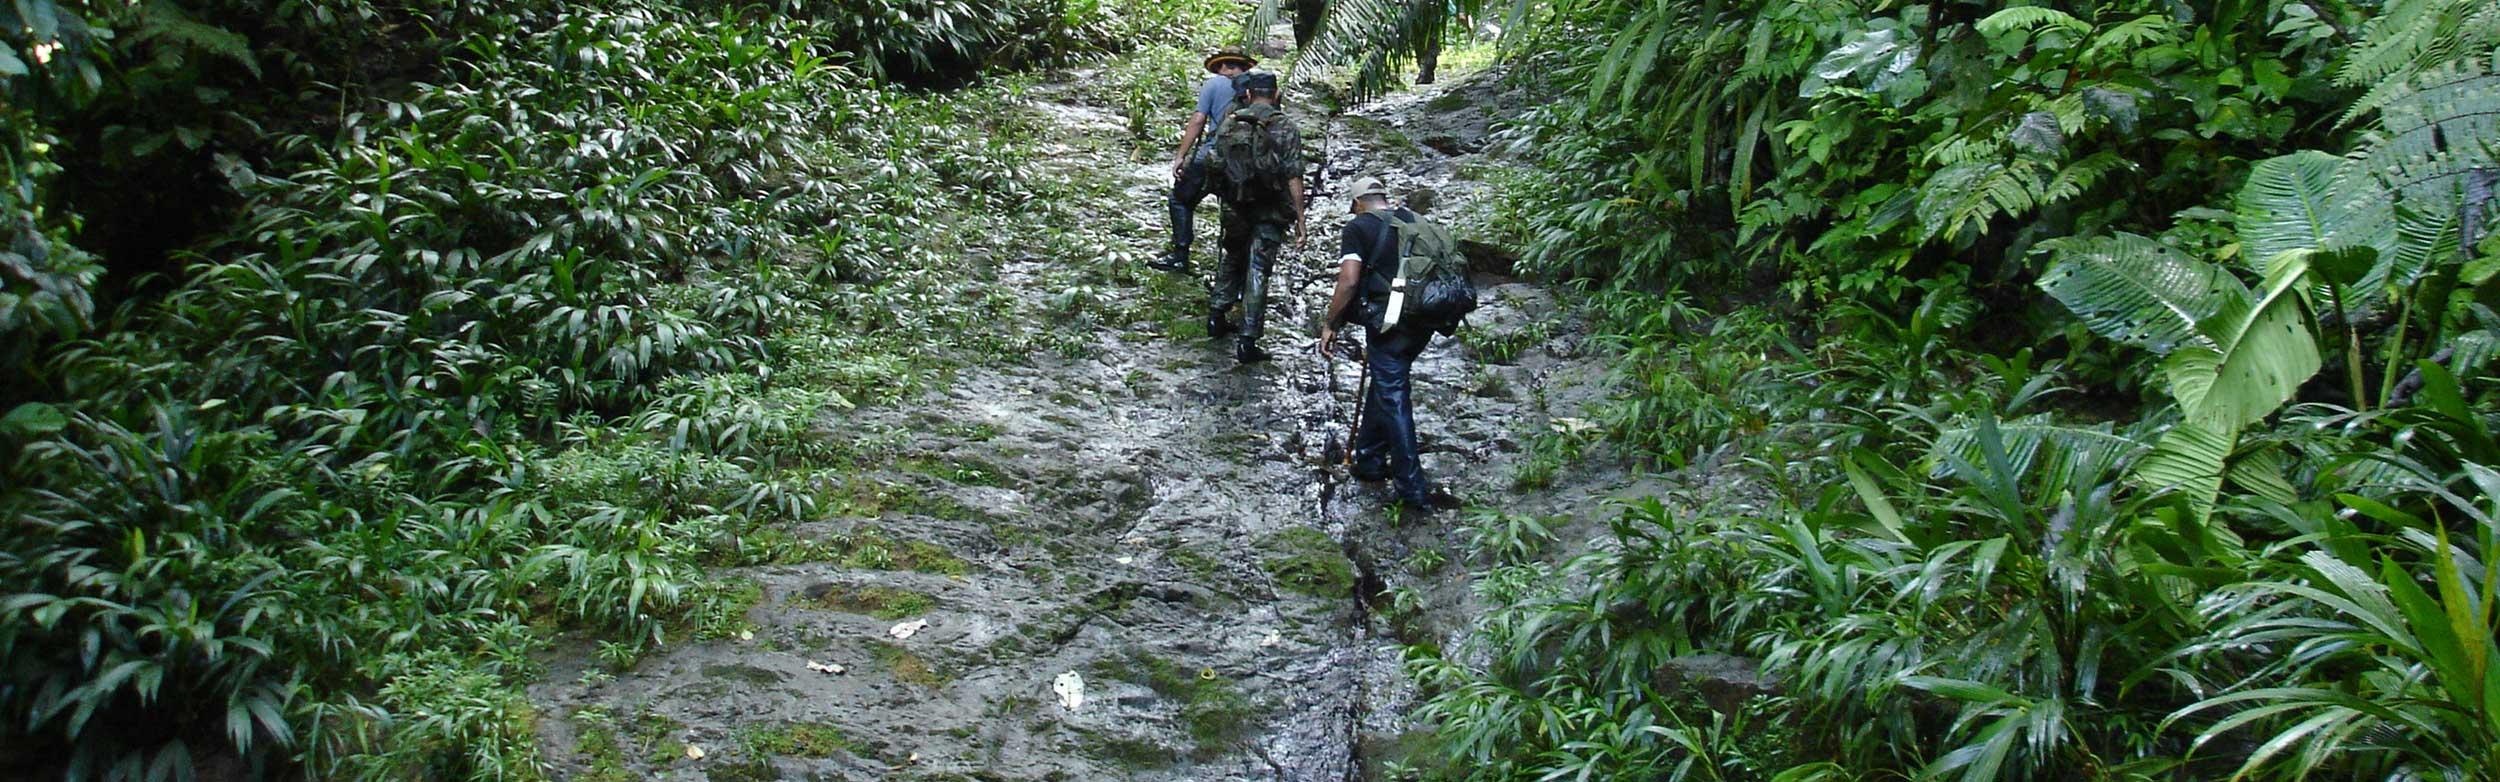 4 day Trekking Camino Real